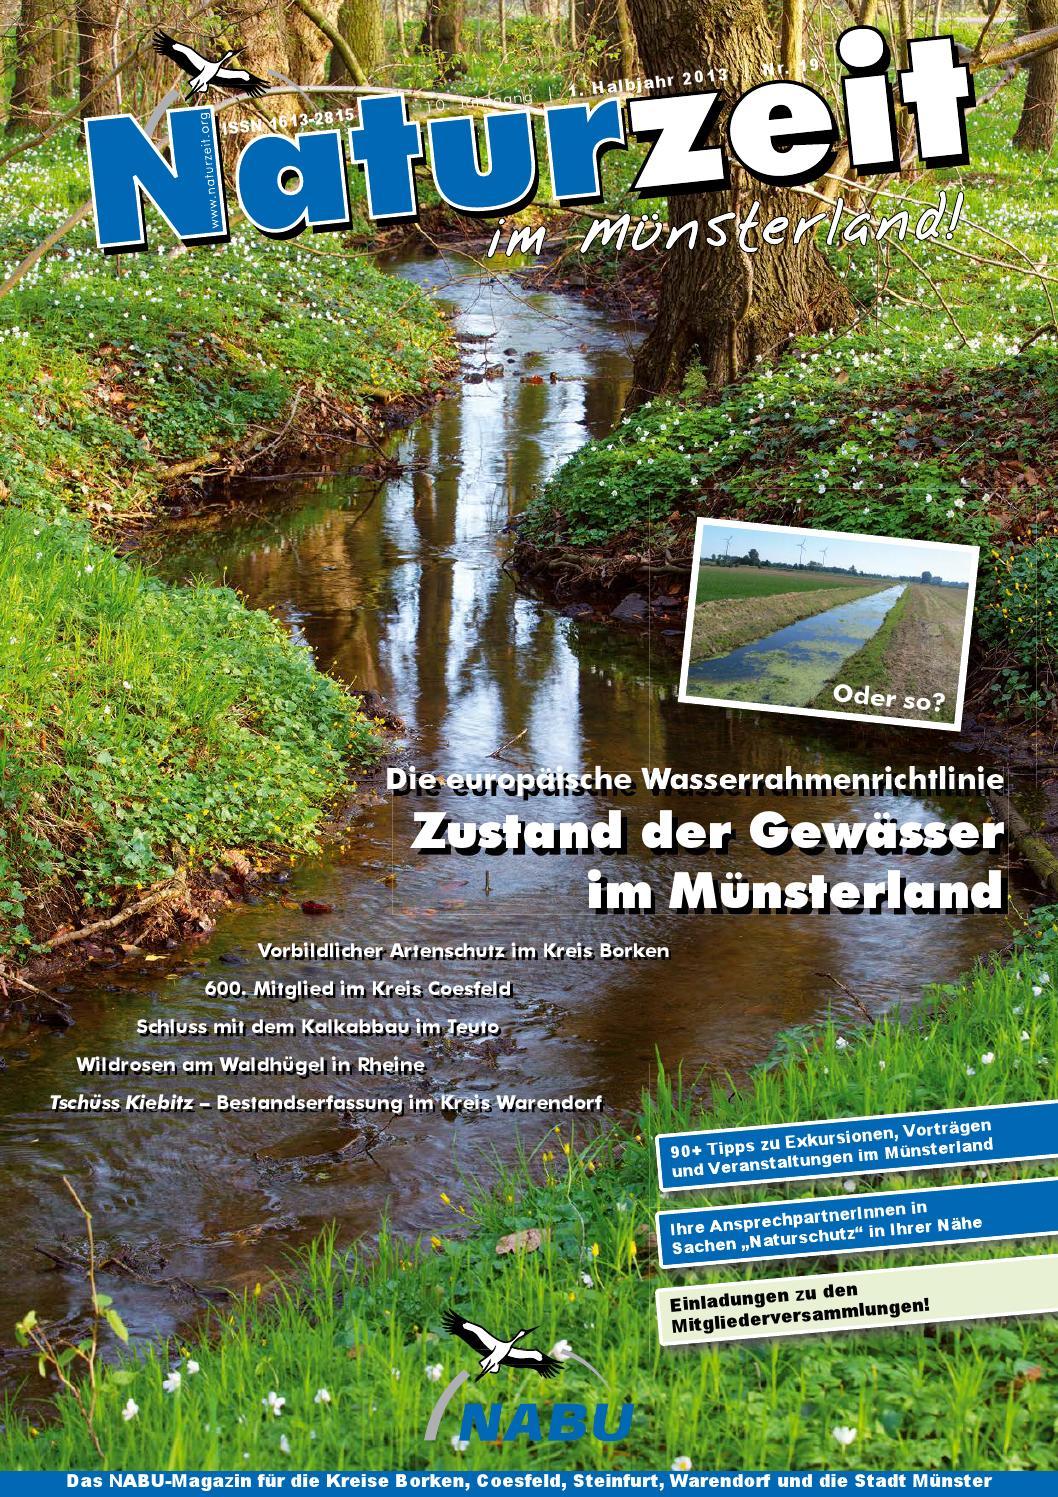 Naturzeit im Münsterland - Nr. 19 by PIXTURA Werbeagentur e.K - issuu